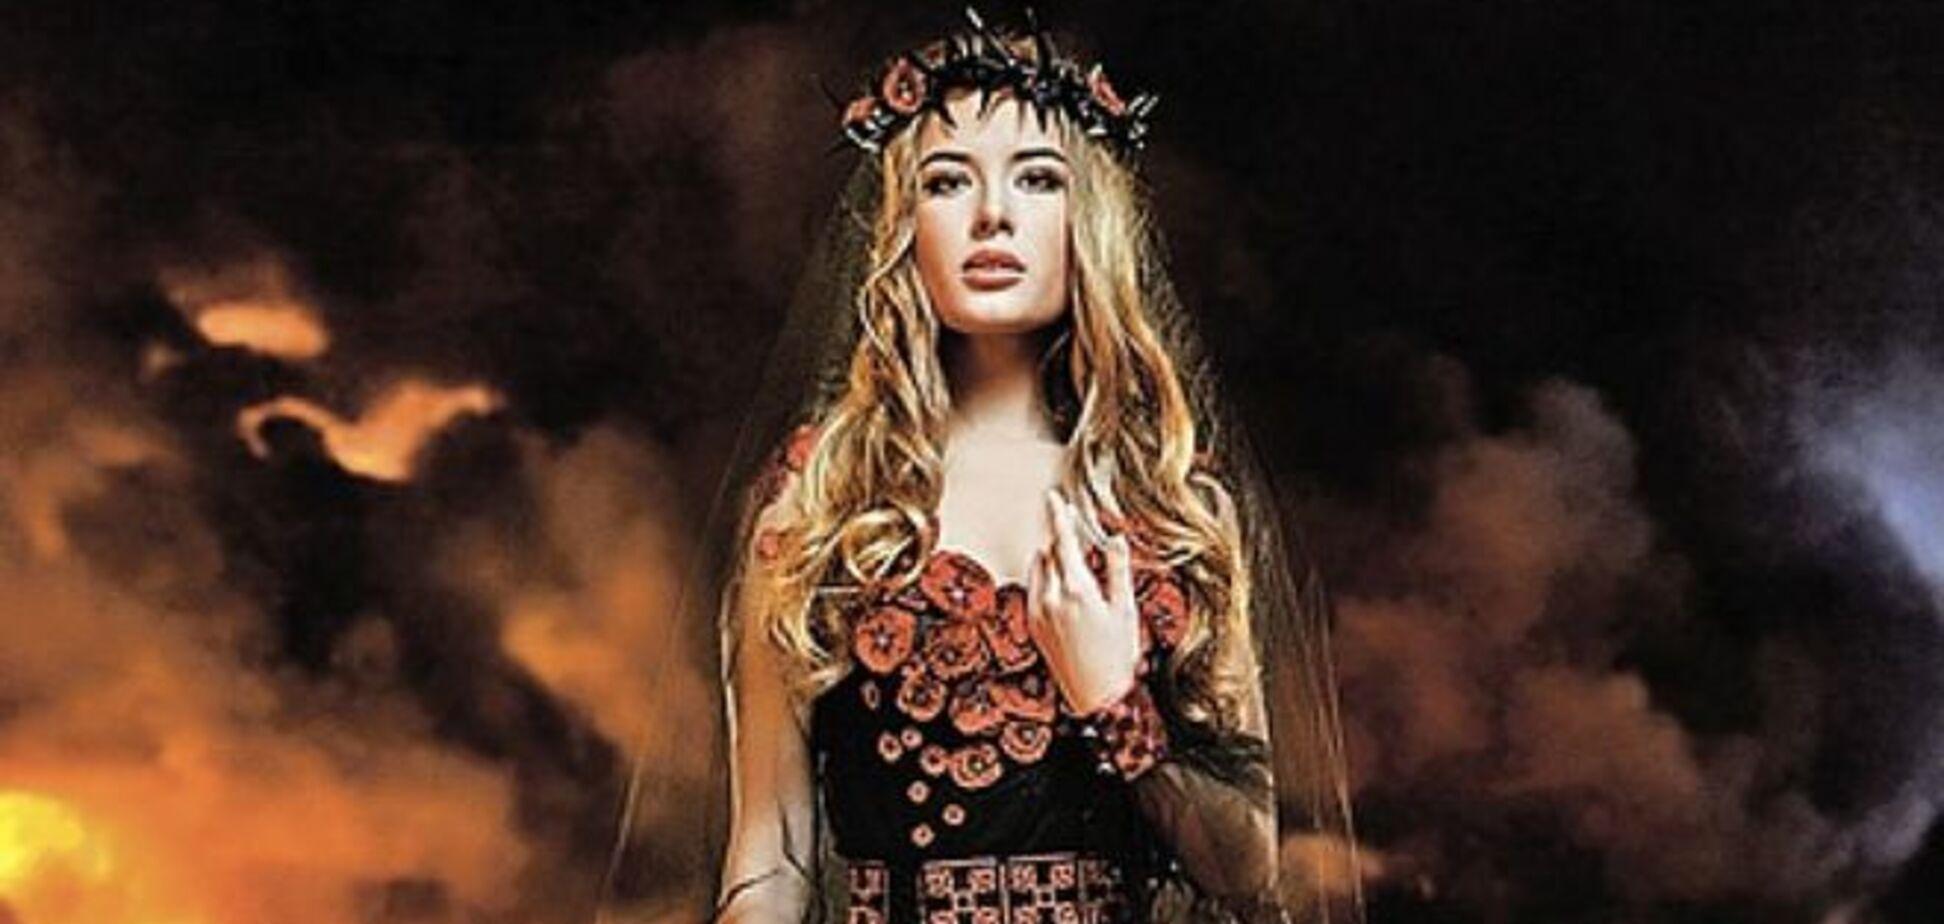 Украинка на конкурсе 'Мисс Вселенная' поборется за корону стоимостью $120 тысяч